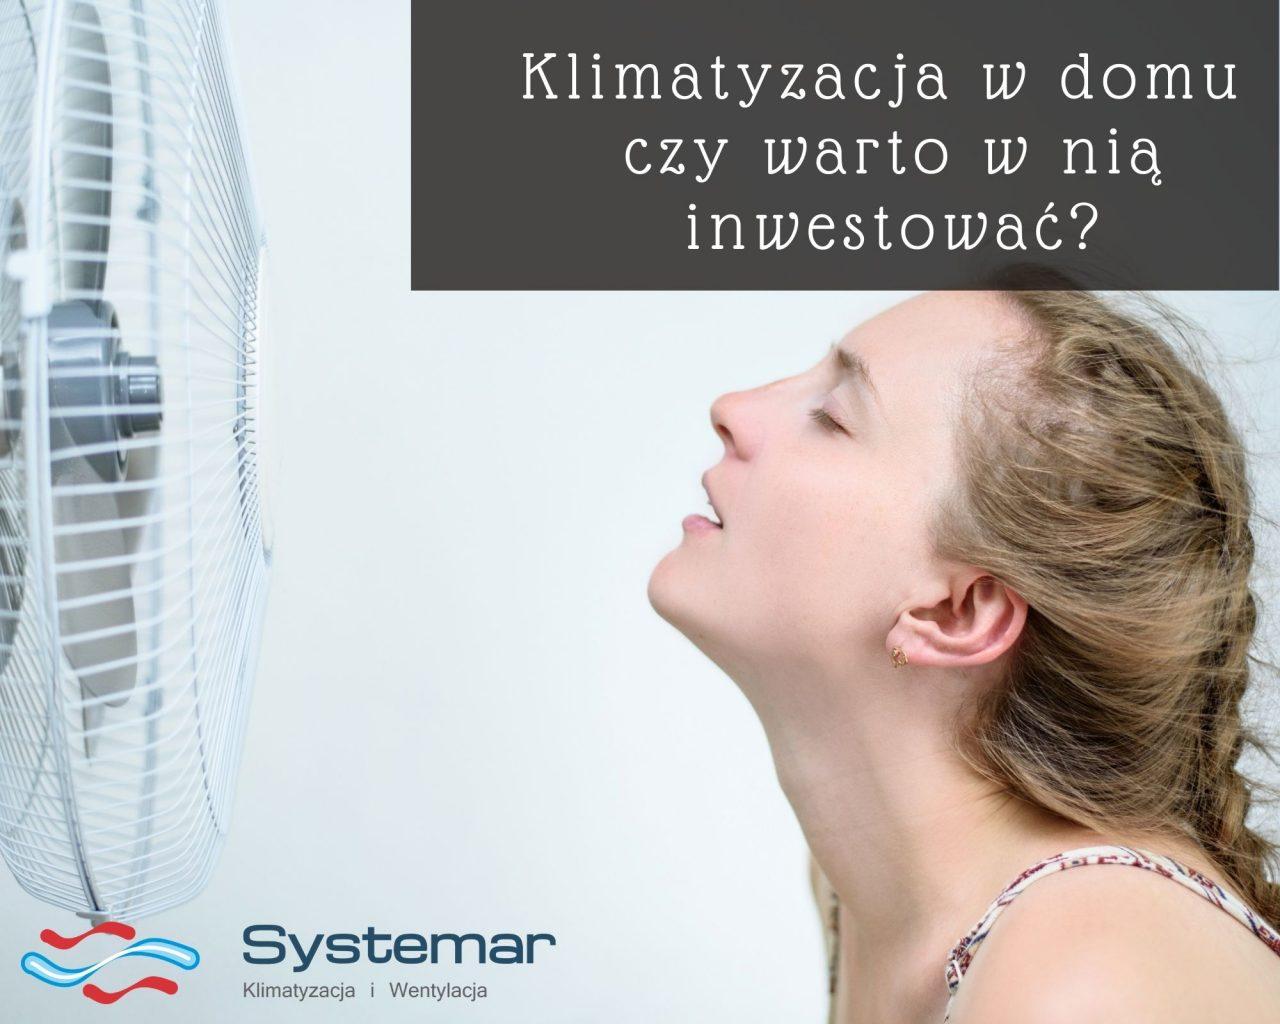 https://systemar.pl/wp-content/uploads/2020/12/klimatyzacja-w-domu-czy-warto-wnia-inwestowac-1280x1024.jpg